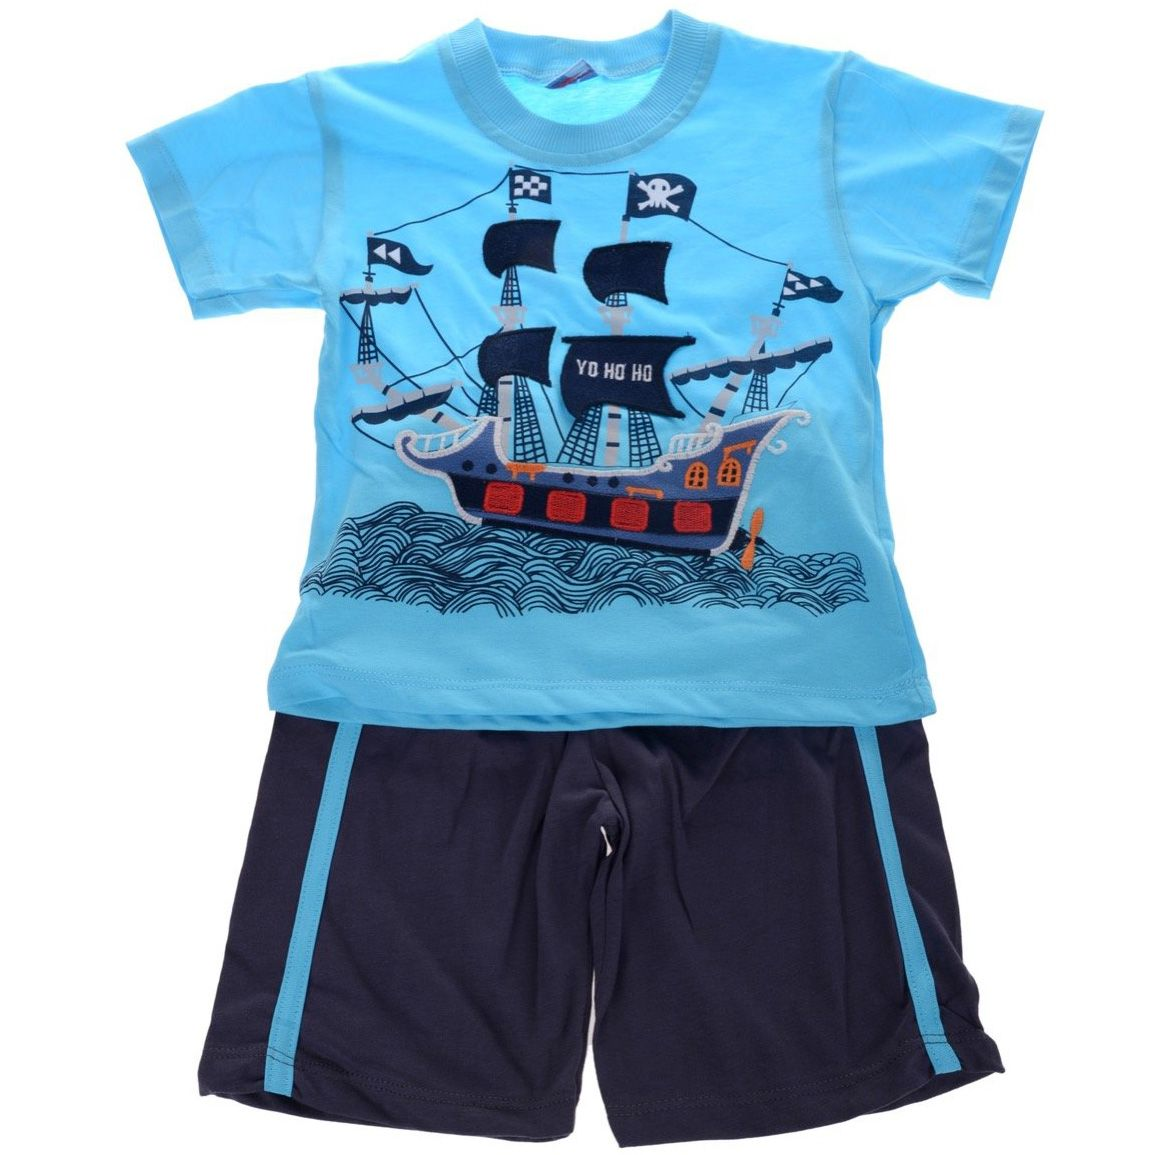 Καλοκαιρινό σετ μπλούζα-παντελόνι βερμούδα 7e367395b76